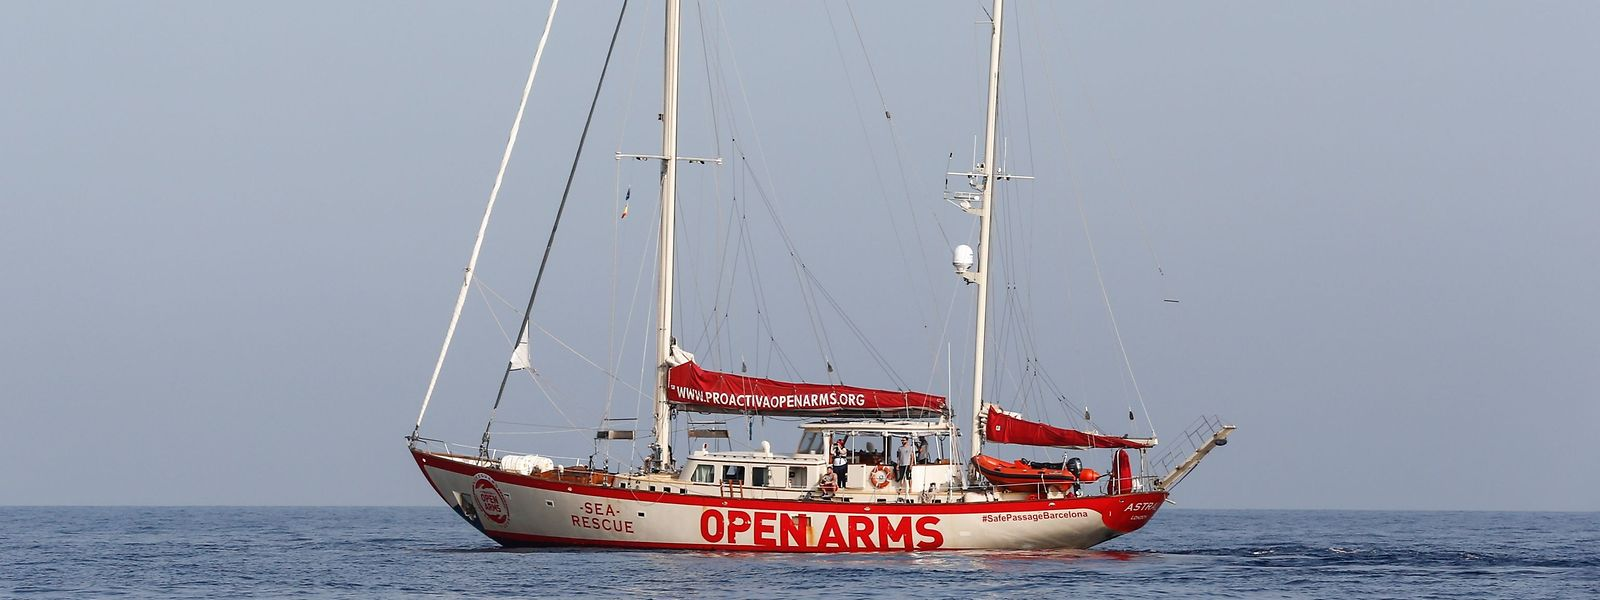 Das Rettungsschiff der Open Arms Foundation.